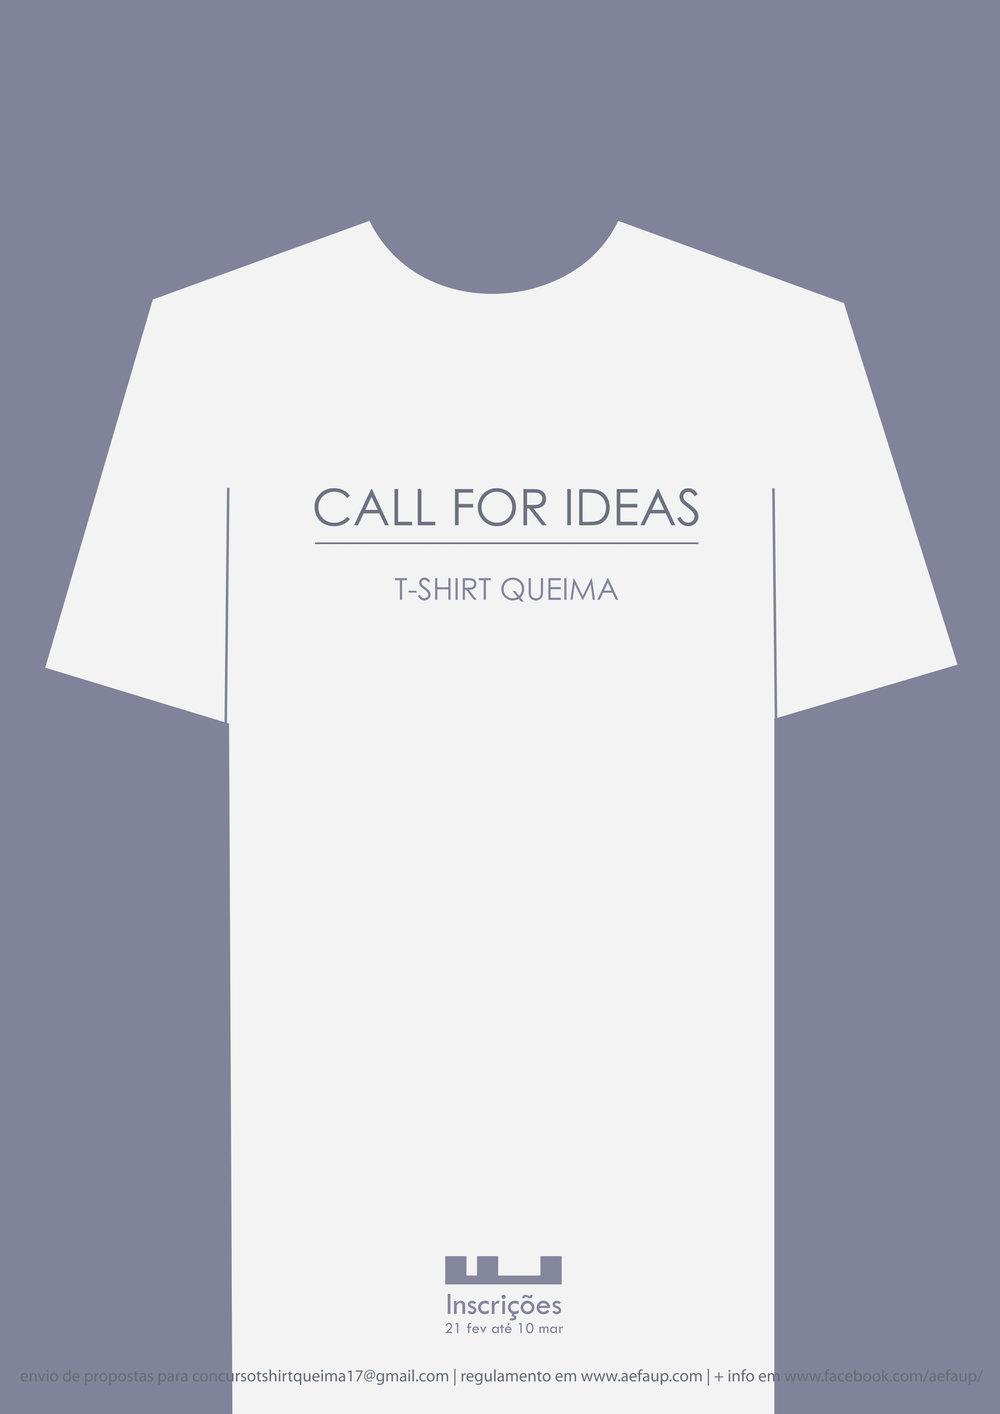 O concurso para o desenho da t-shirt da Queima das Fitas AEFAUP 2017 é organizado e promovido pela Associação de Estudantes da Faculdade de Arquitetura da Universidade do Porto. Pretende-se que, com este concurso, os alunos da FAUP possam ter a oportunidade de desenhar uma t-shirt a utilizar na Queima das Fitas deste ano que represente a sua Faculdade e os seus estudantes. A Tshirt será utilizada na Queima das Fitas de 2017 e comercializada na AEFAUP durante o resto do ano. O concurso decorrerá entre 21 de Fevereiro e 10 de Março, sendo anunciado a proposta vencedora dia 16 de março . O prémio para o vencedor do concurso será um vale de 40 € para ser usado na Livraria da AEFAUP.